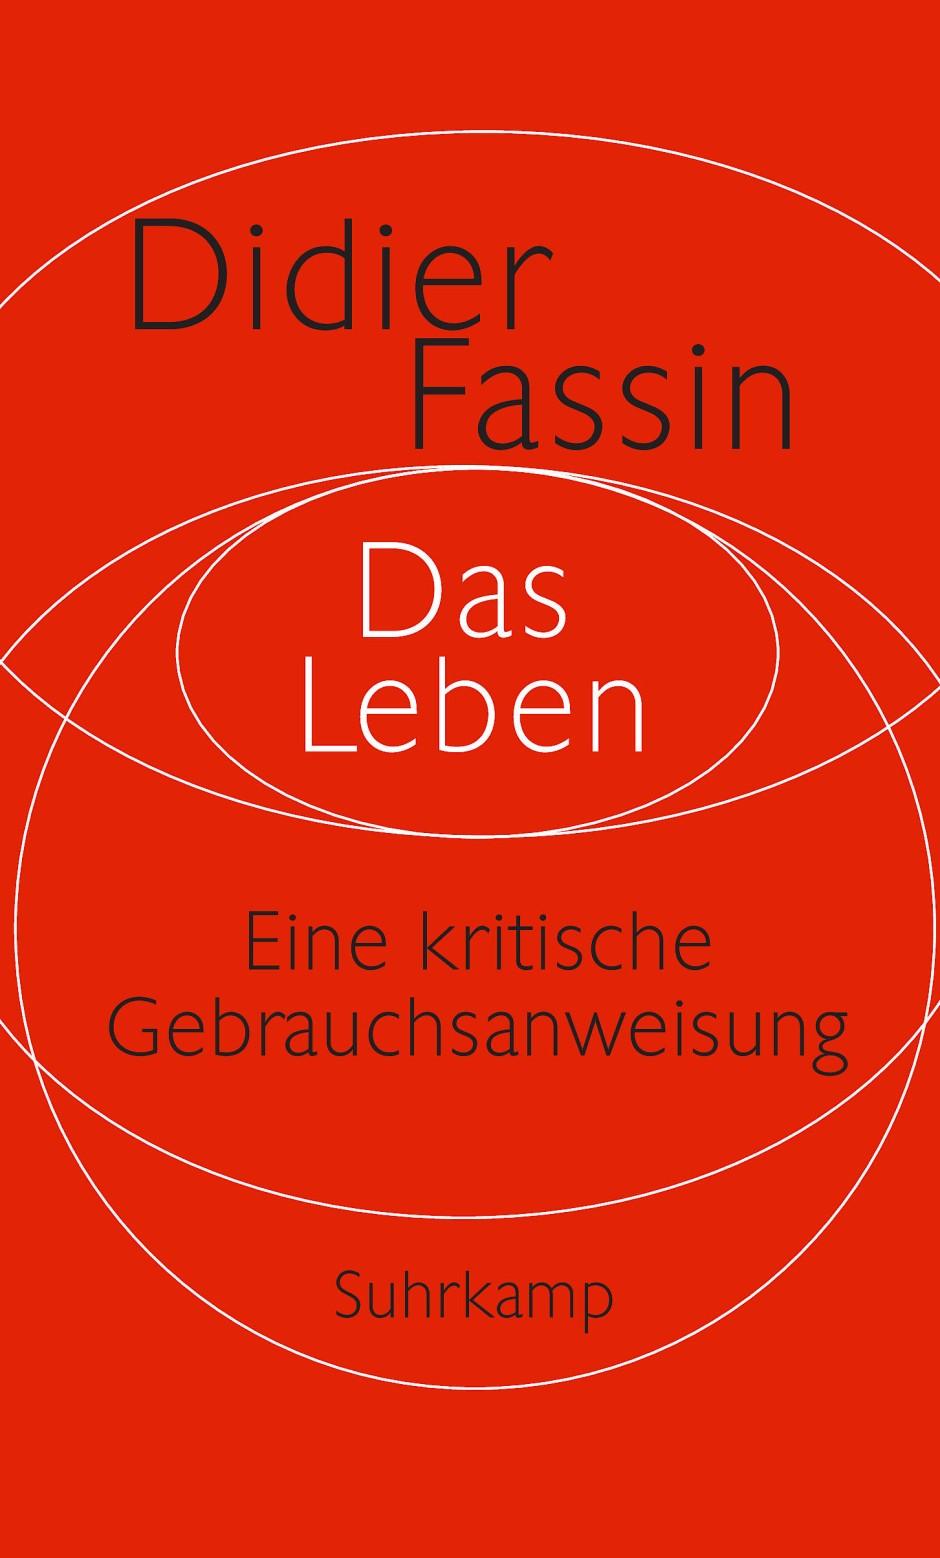 """Didier Fassin: """"Das Leben"""". Eine kritische Gebrauchsanweisung. Aus dem Englischen von Christine Pries. Suhrkamp Verlag, Berlin 2017. 191 S., geb., 25,– ."""